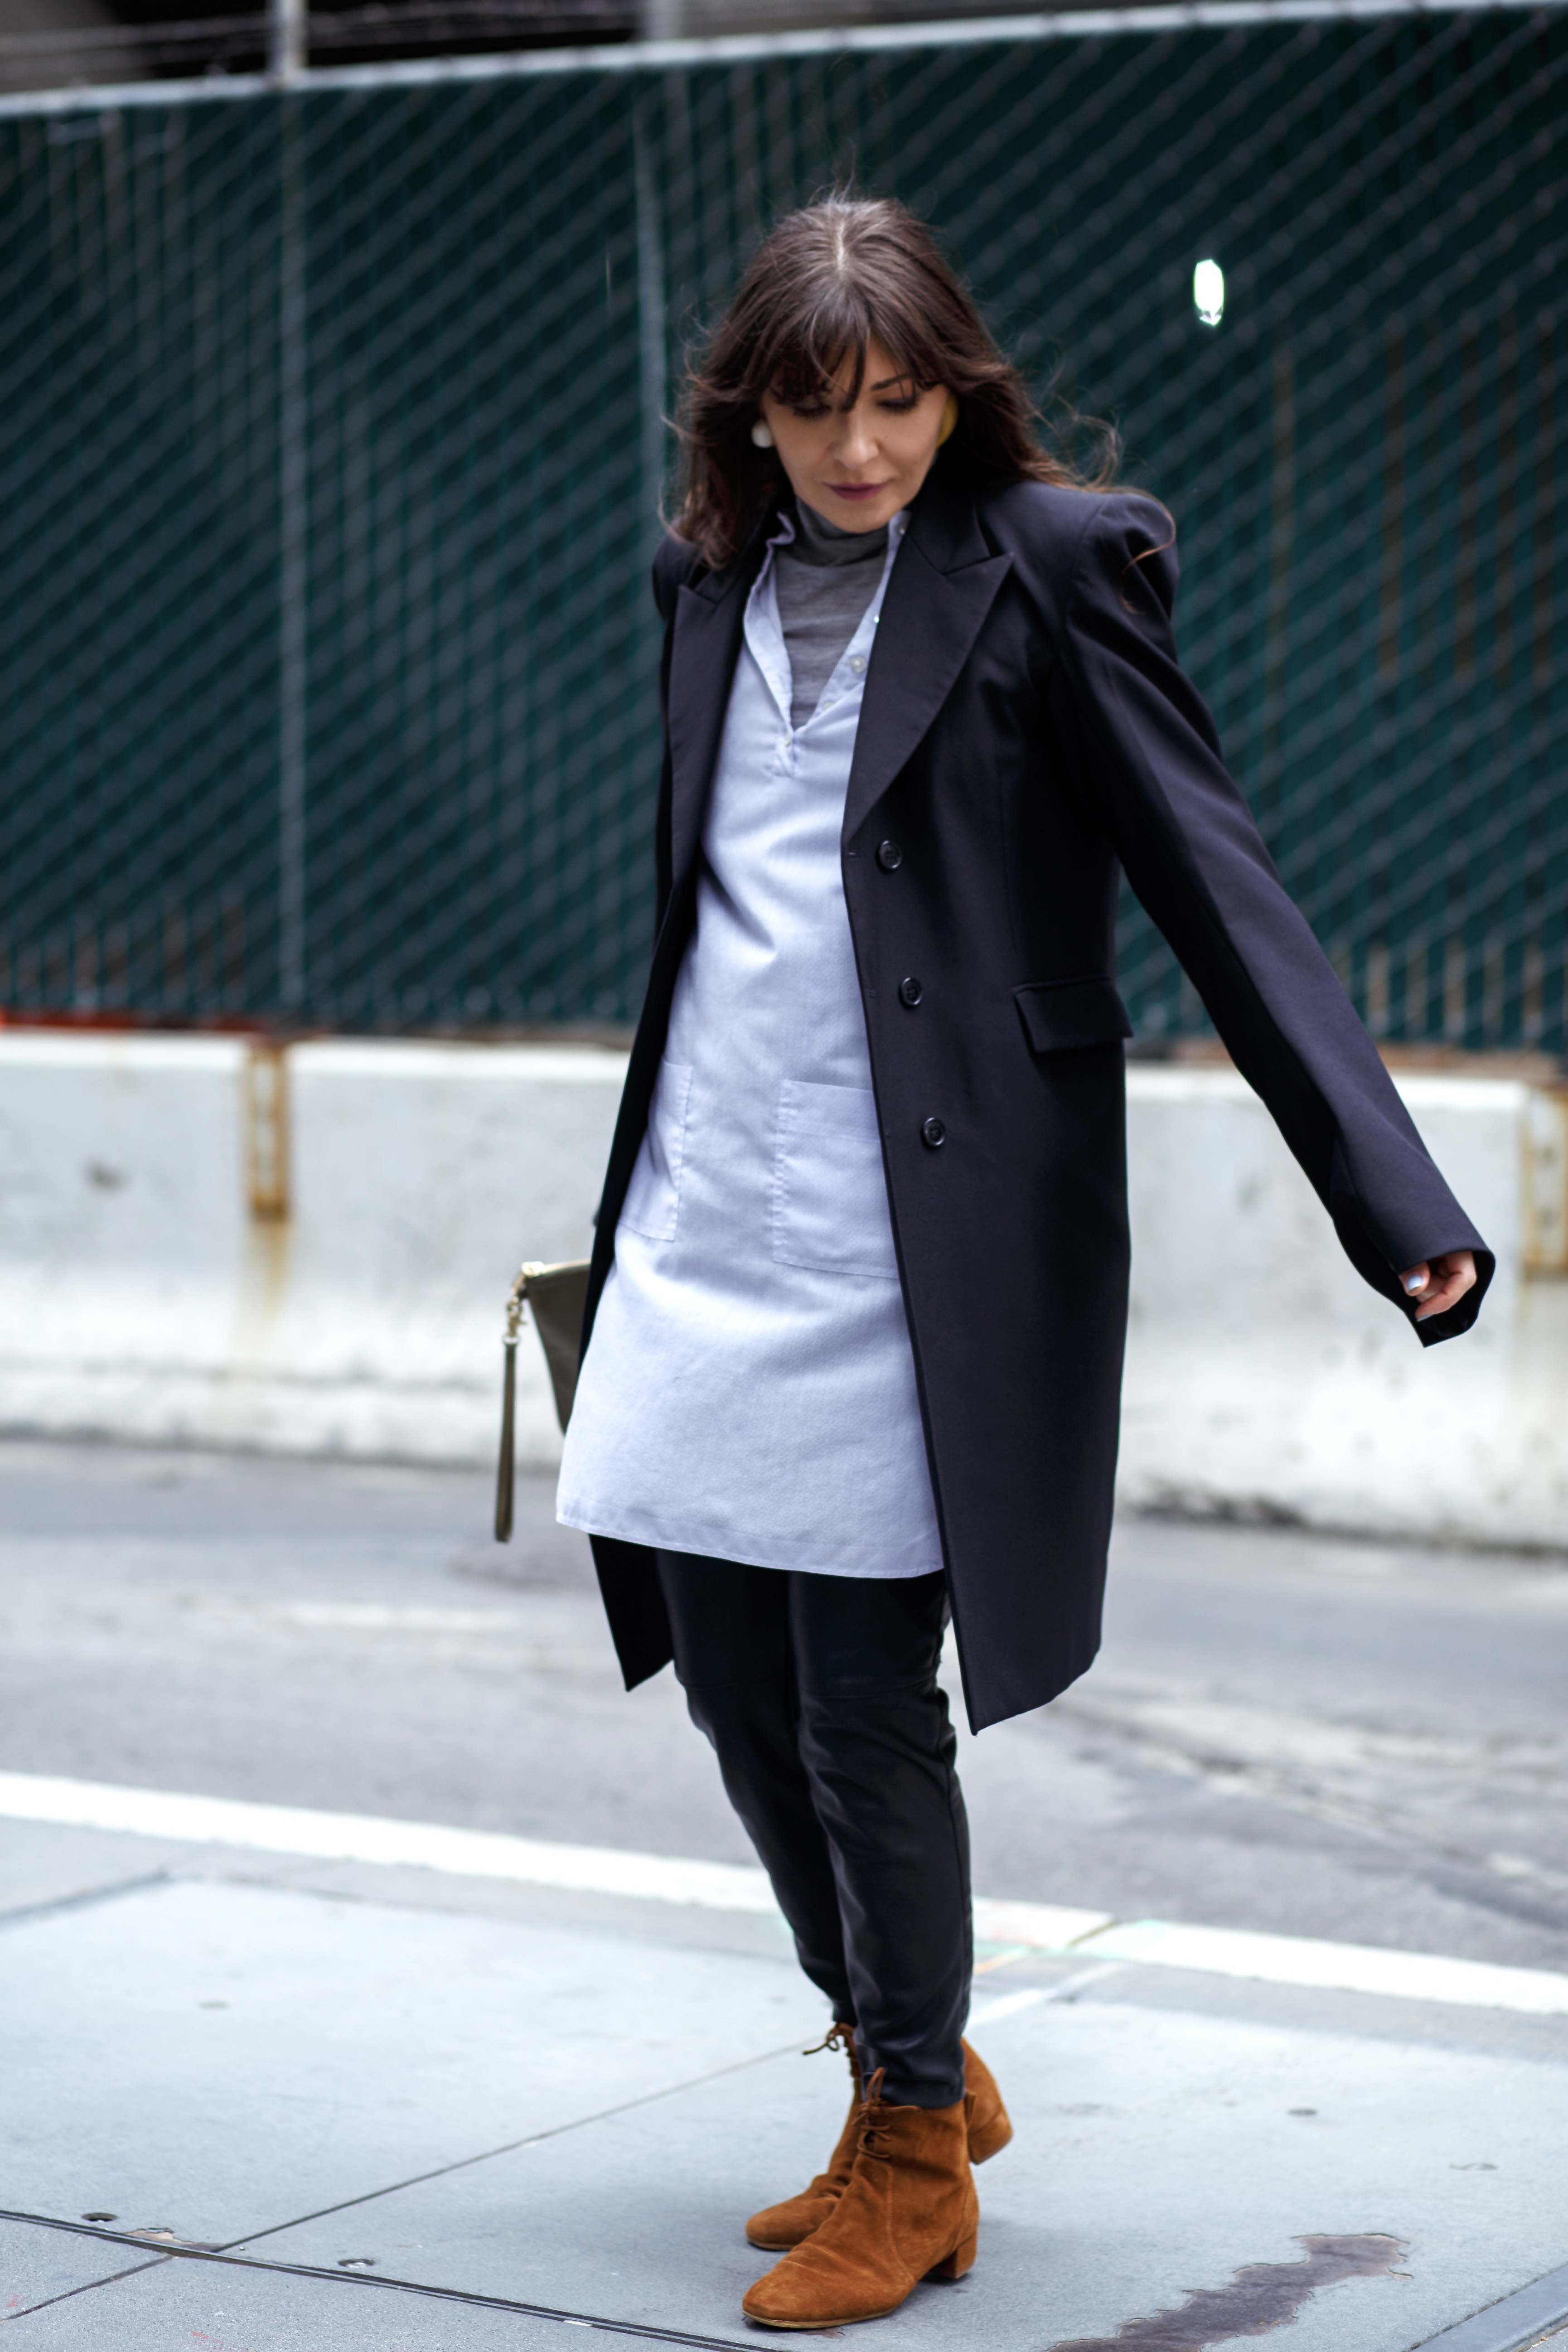 How to wear: dress over shirt dress.